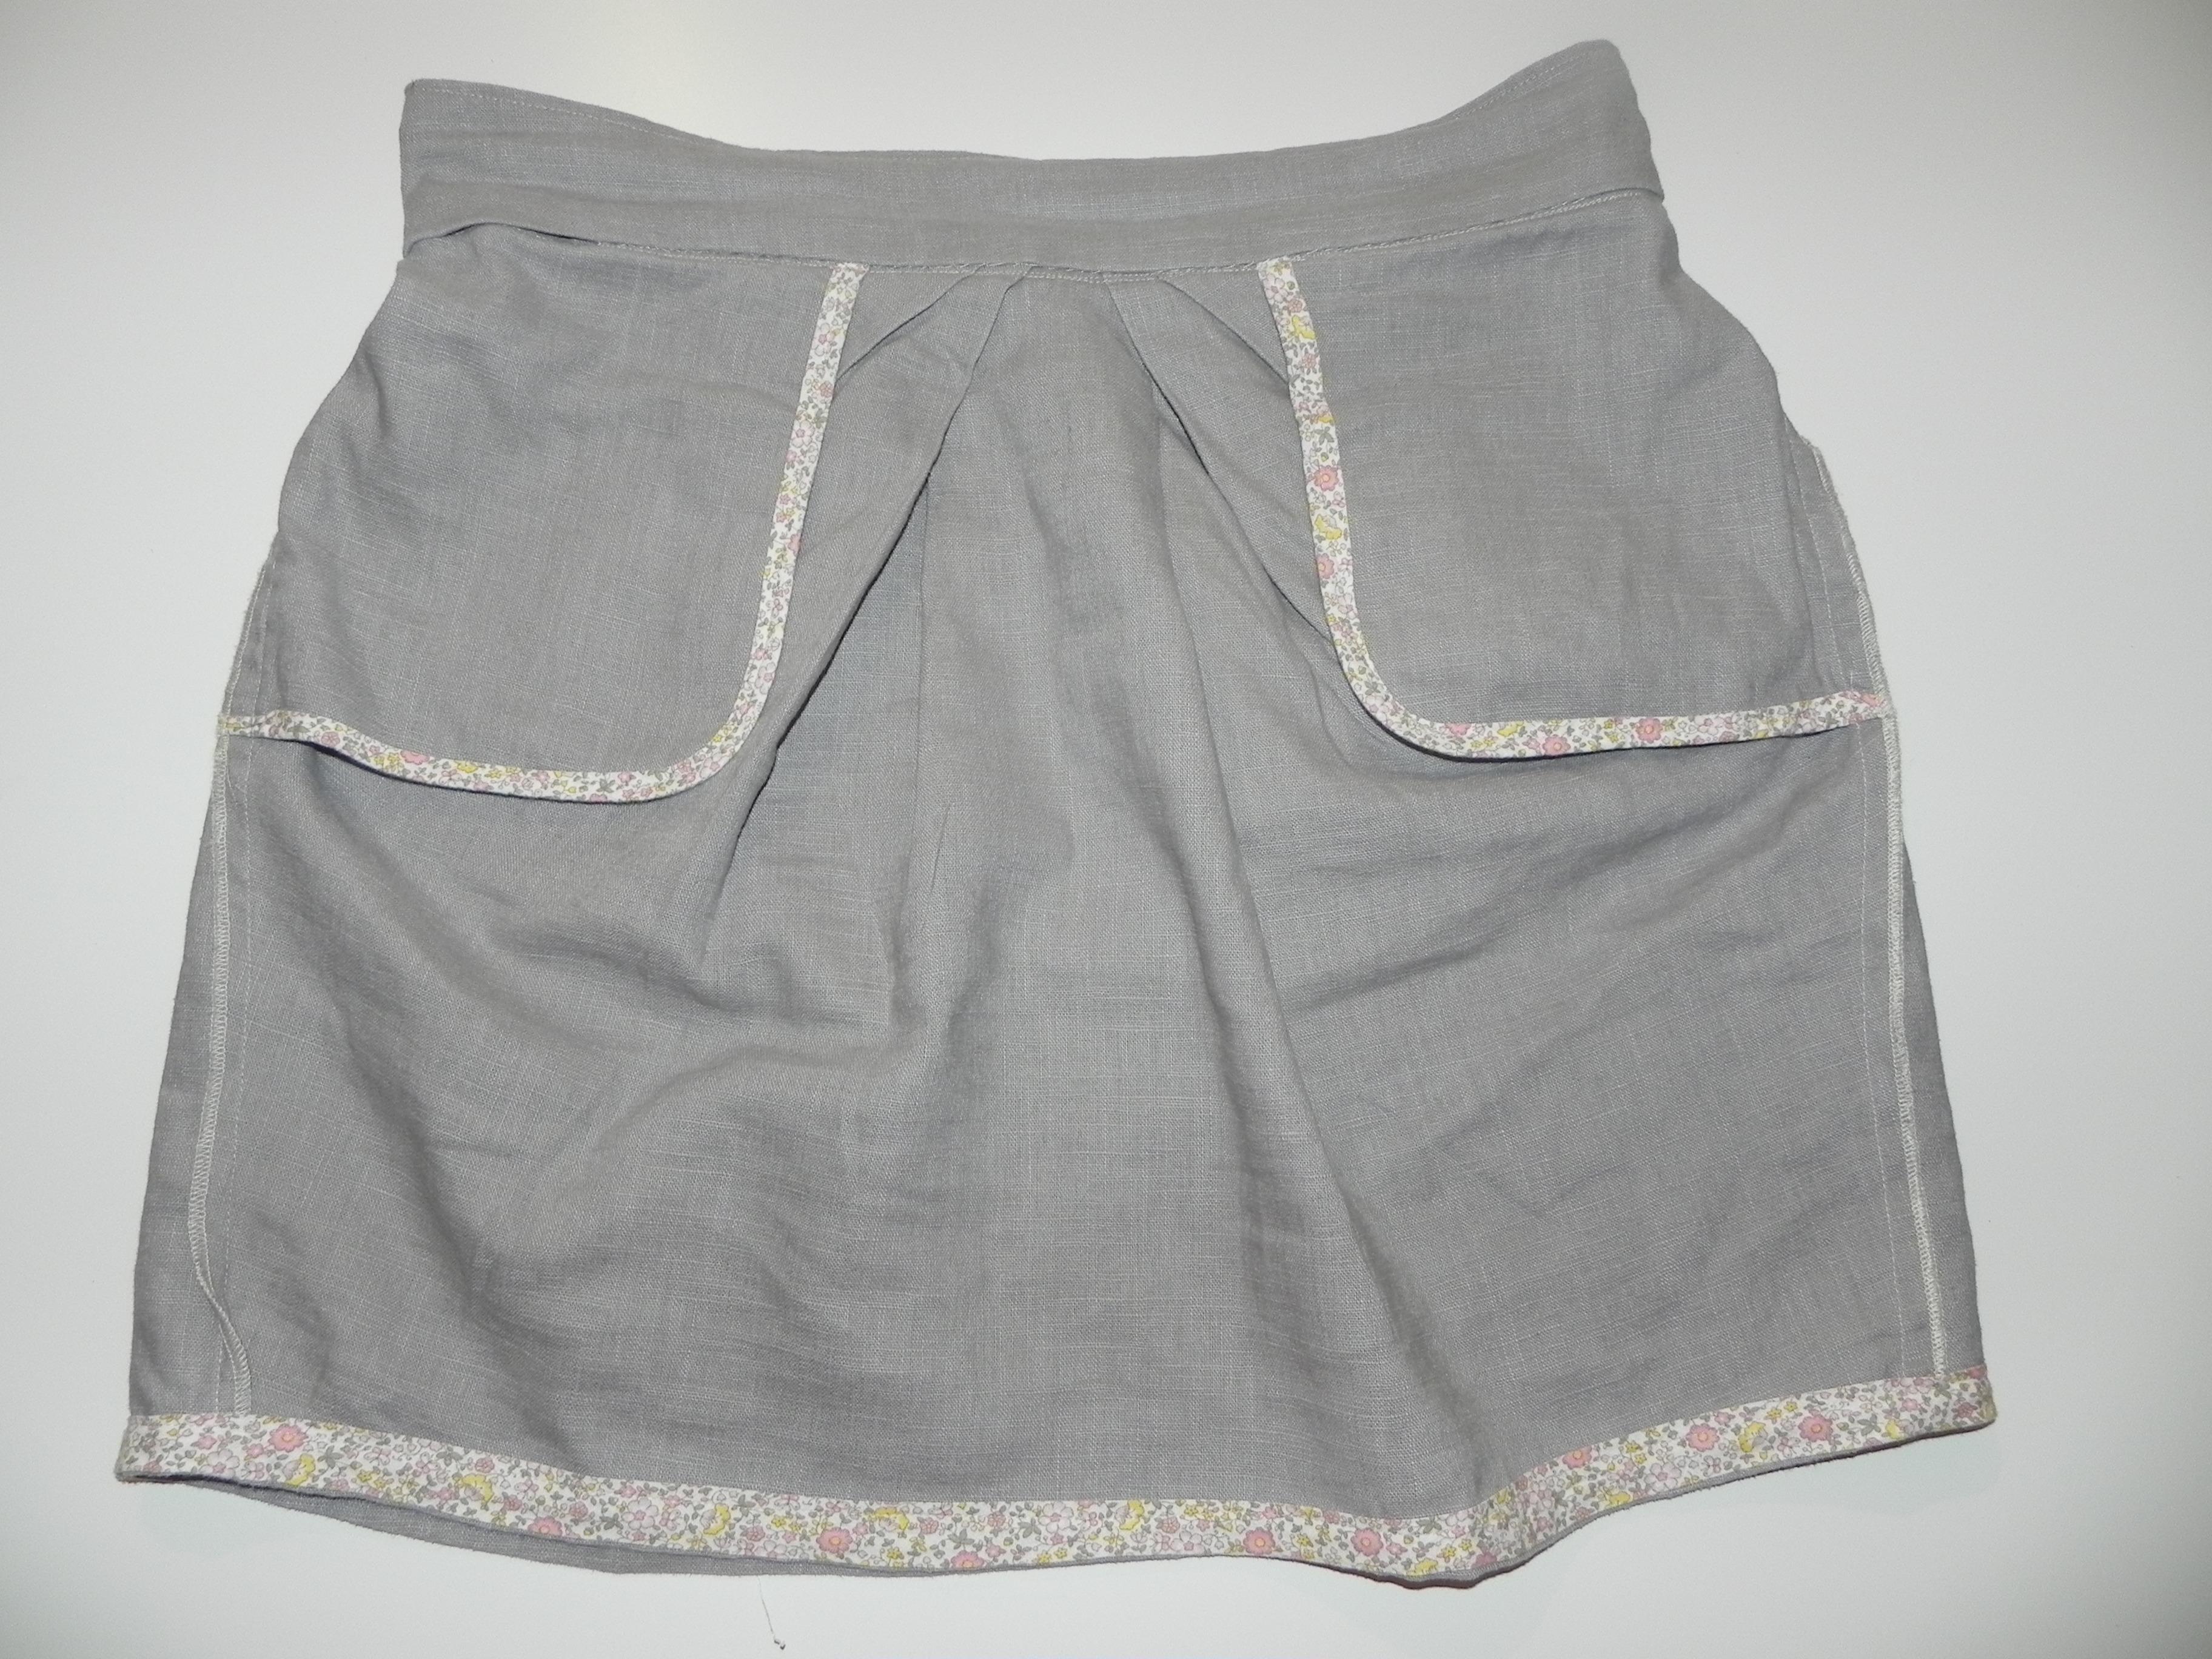 Intérieur de la jupe 1001 en lin